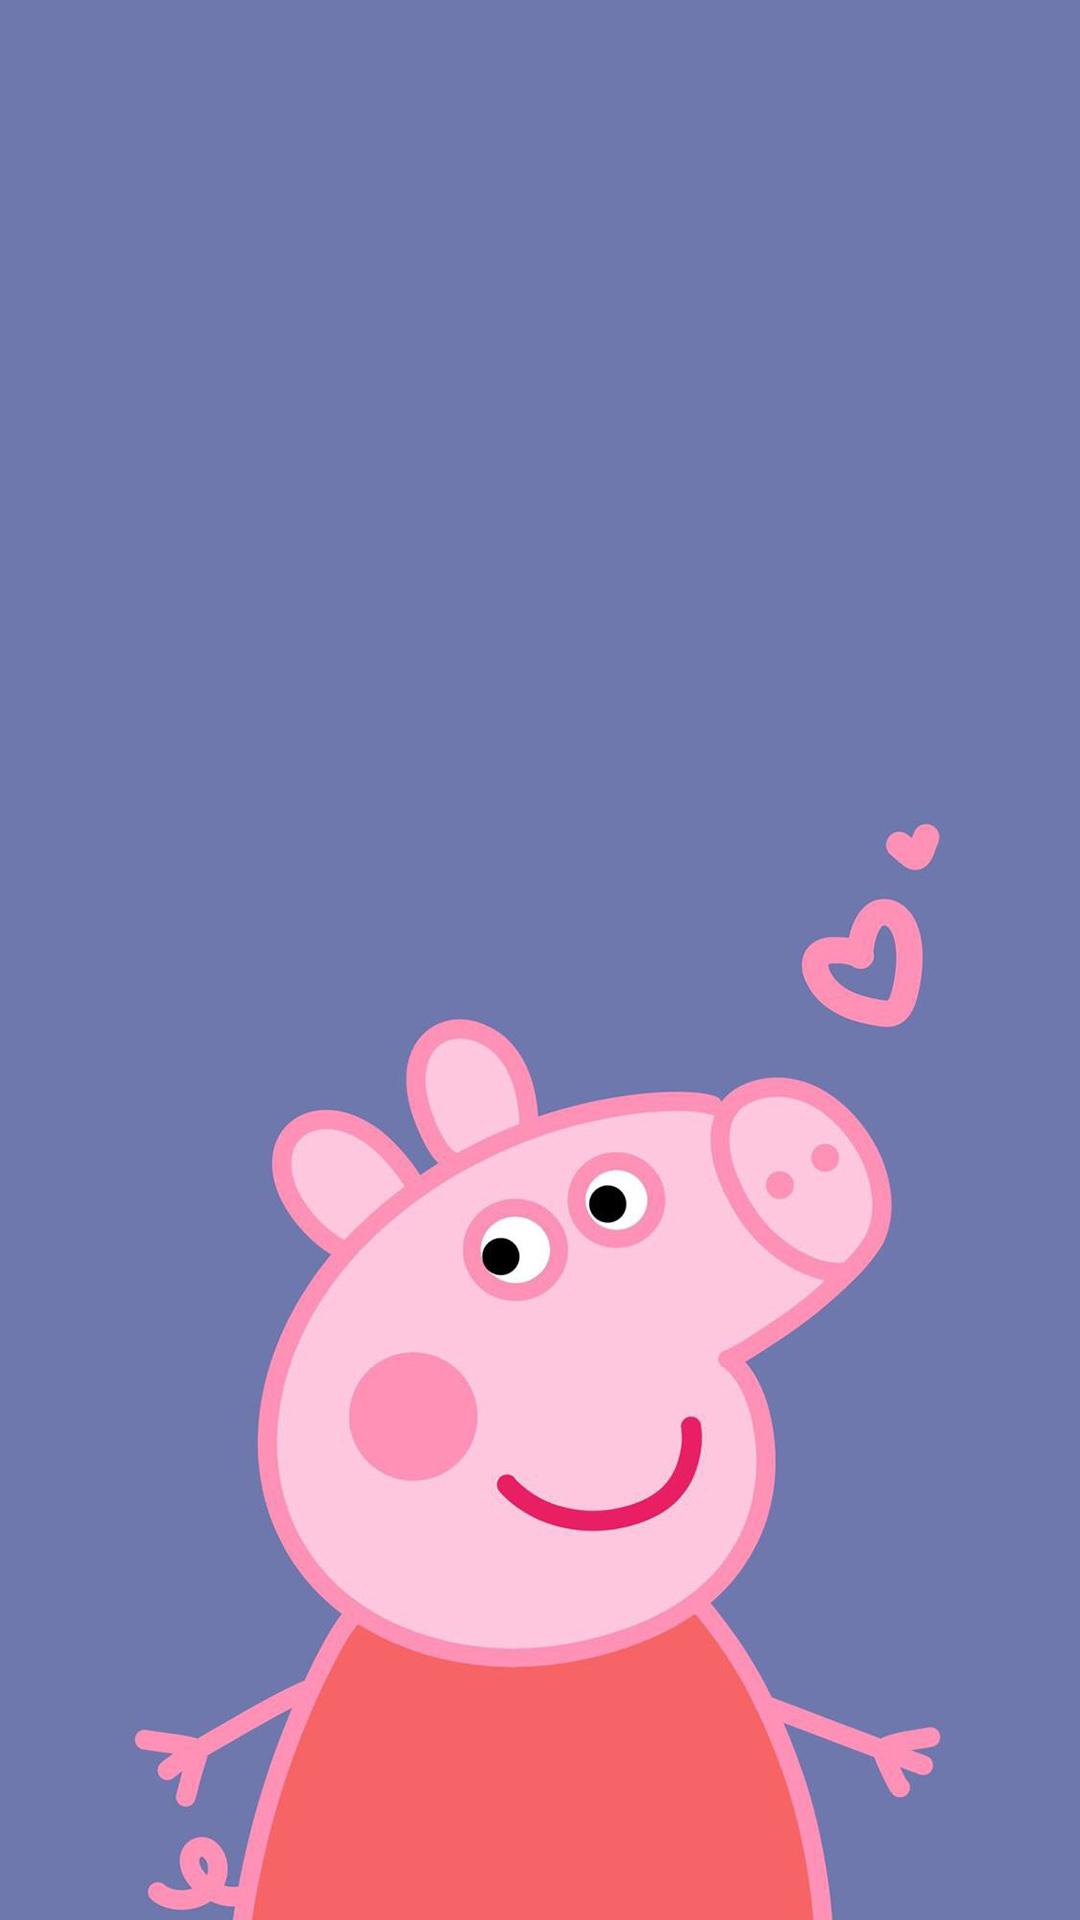 2019壁纸丨猪事顺利丨卡通可爱丨情感文字